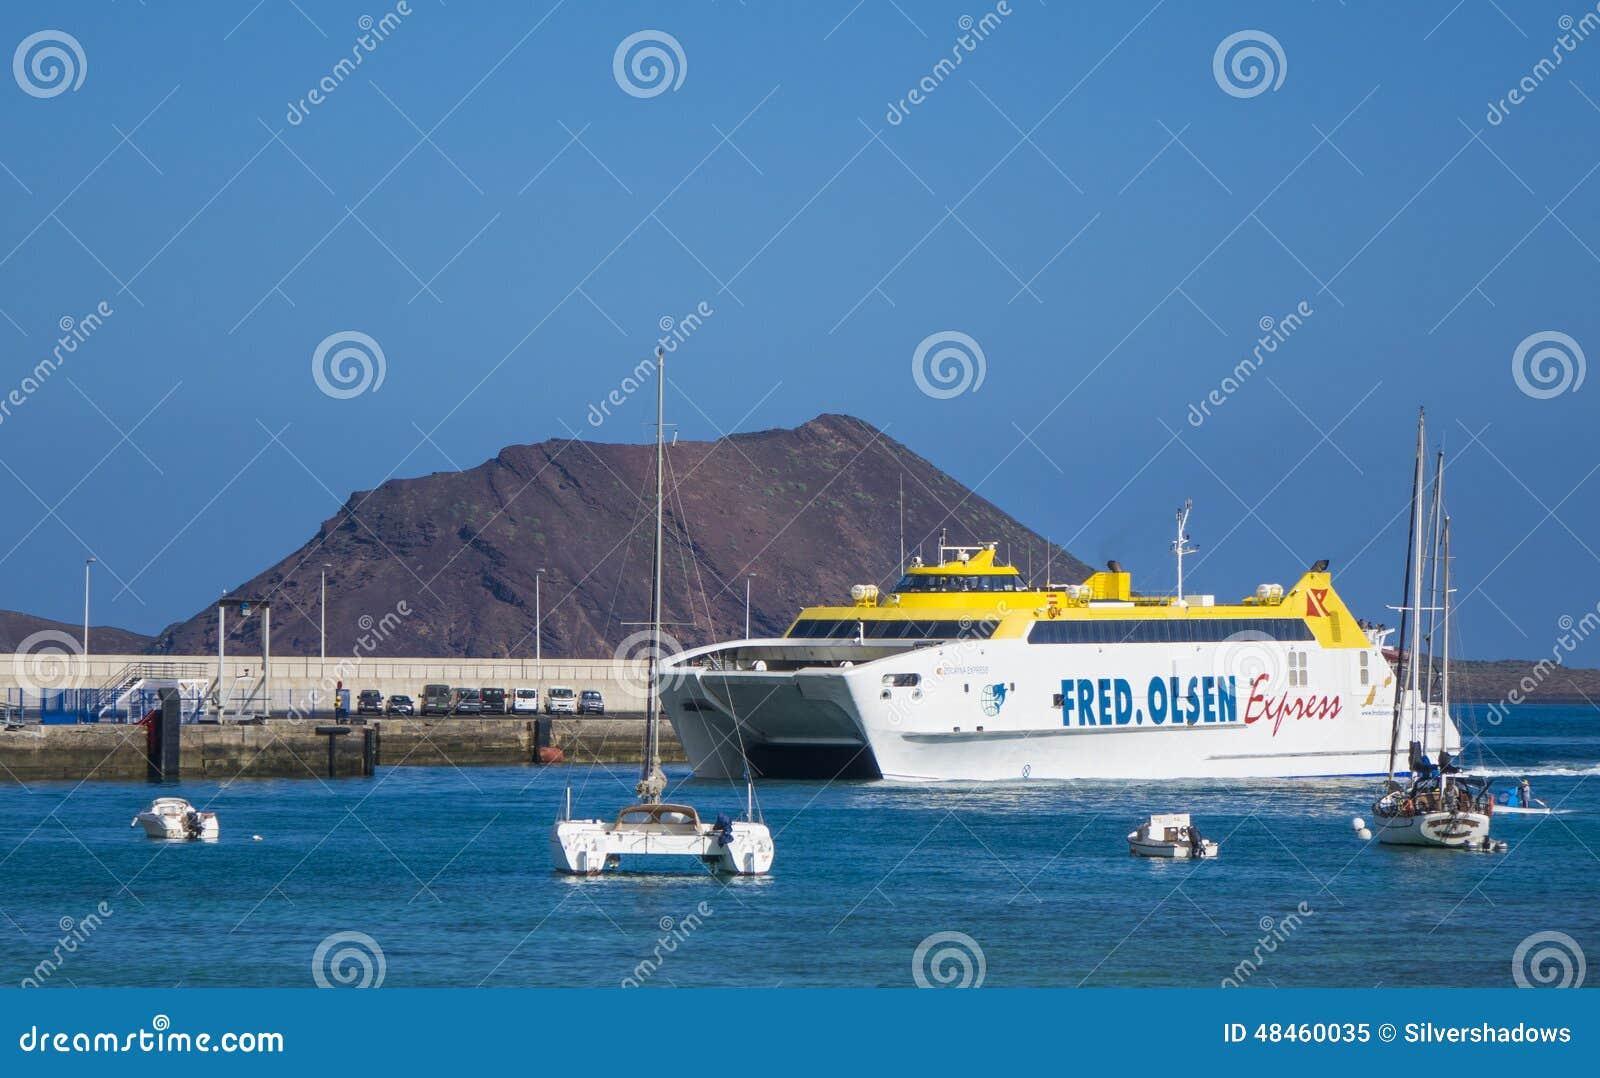 För Corralejo för Fred-Olsen uttrycklig bilfärja hamn hamn